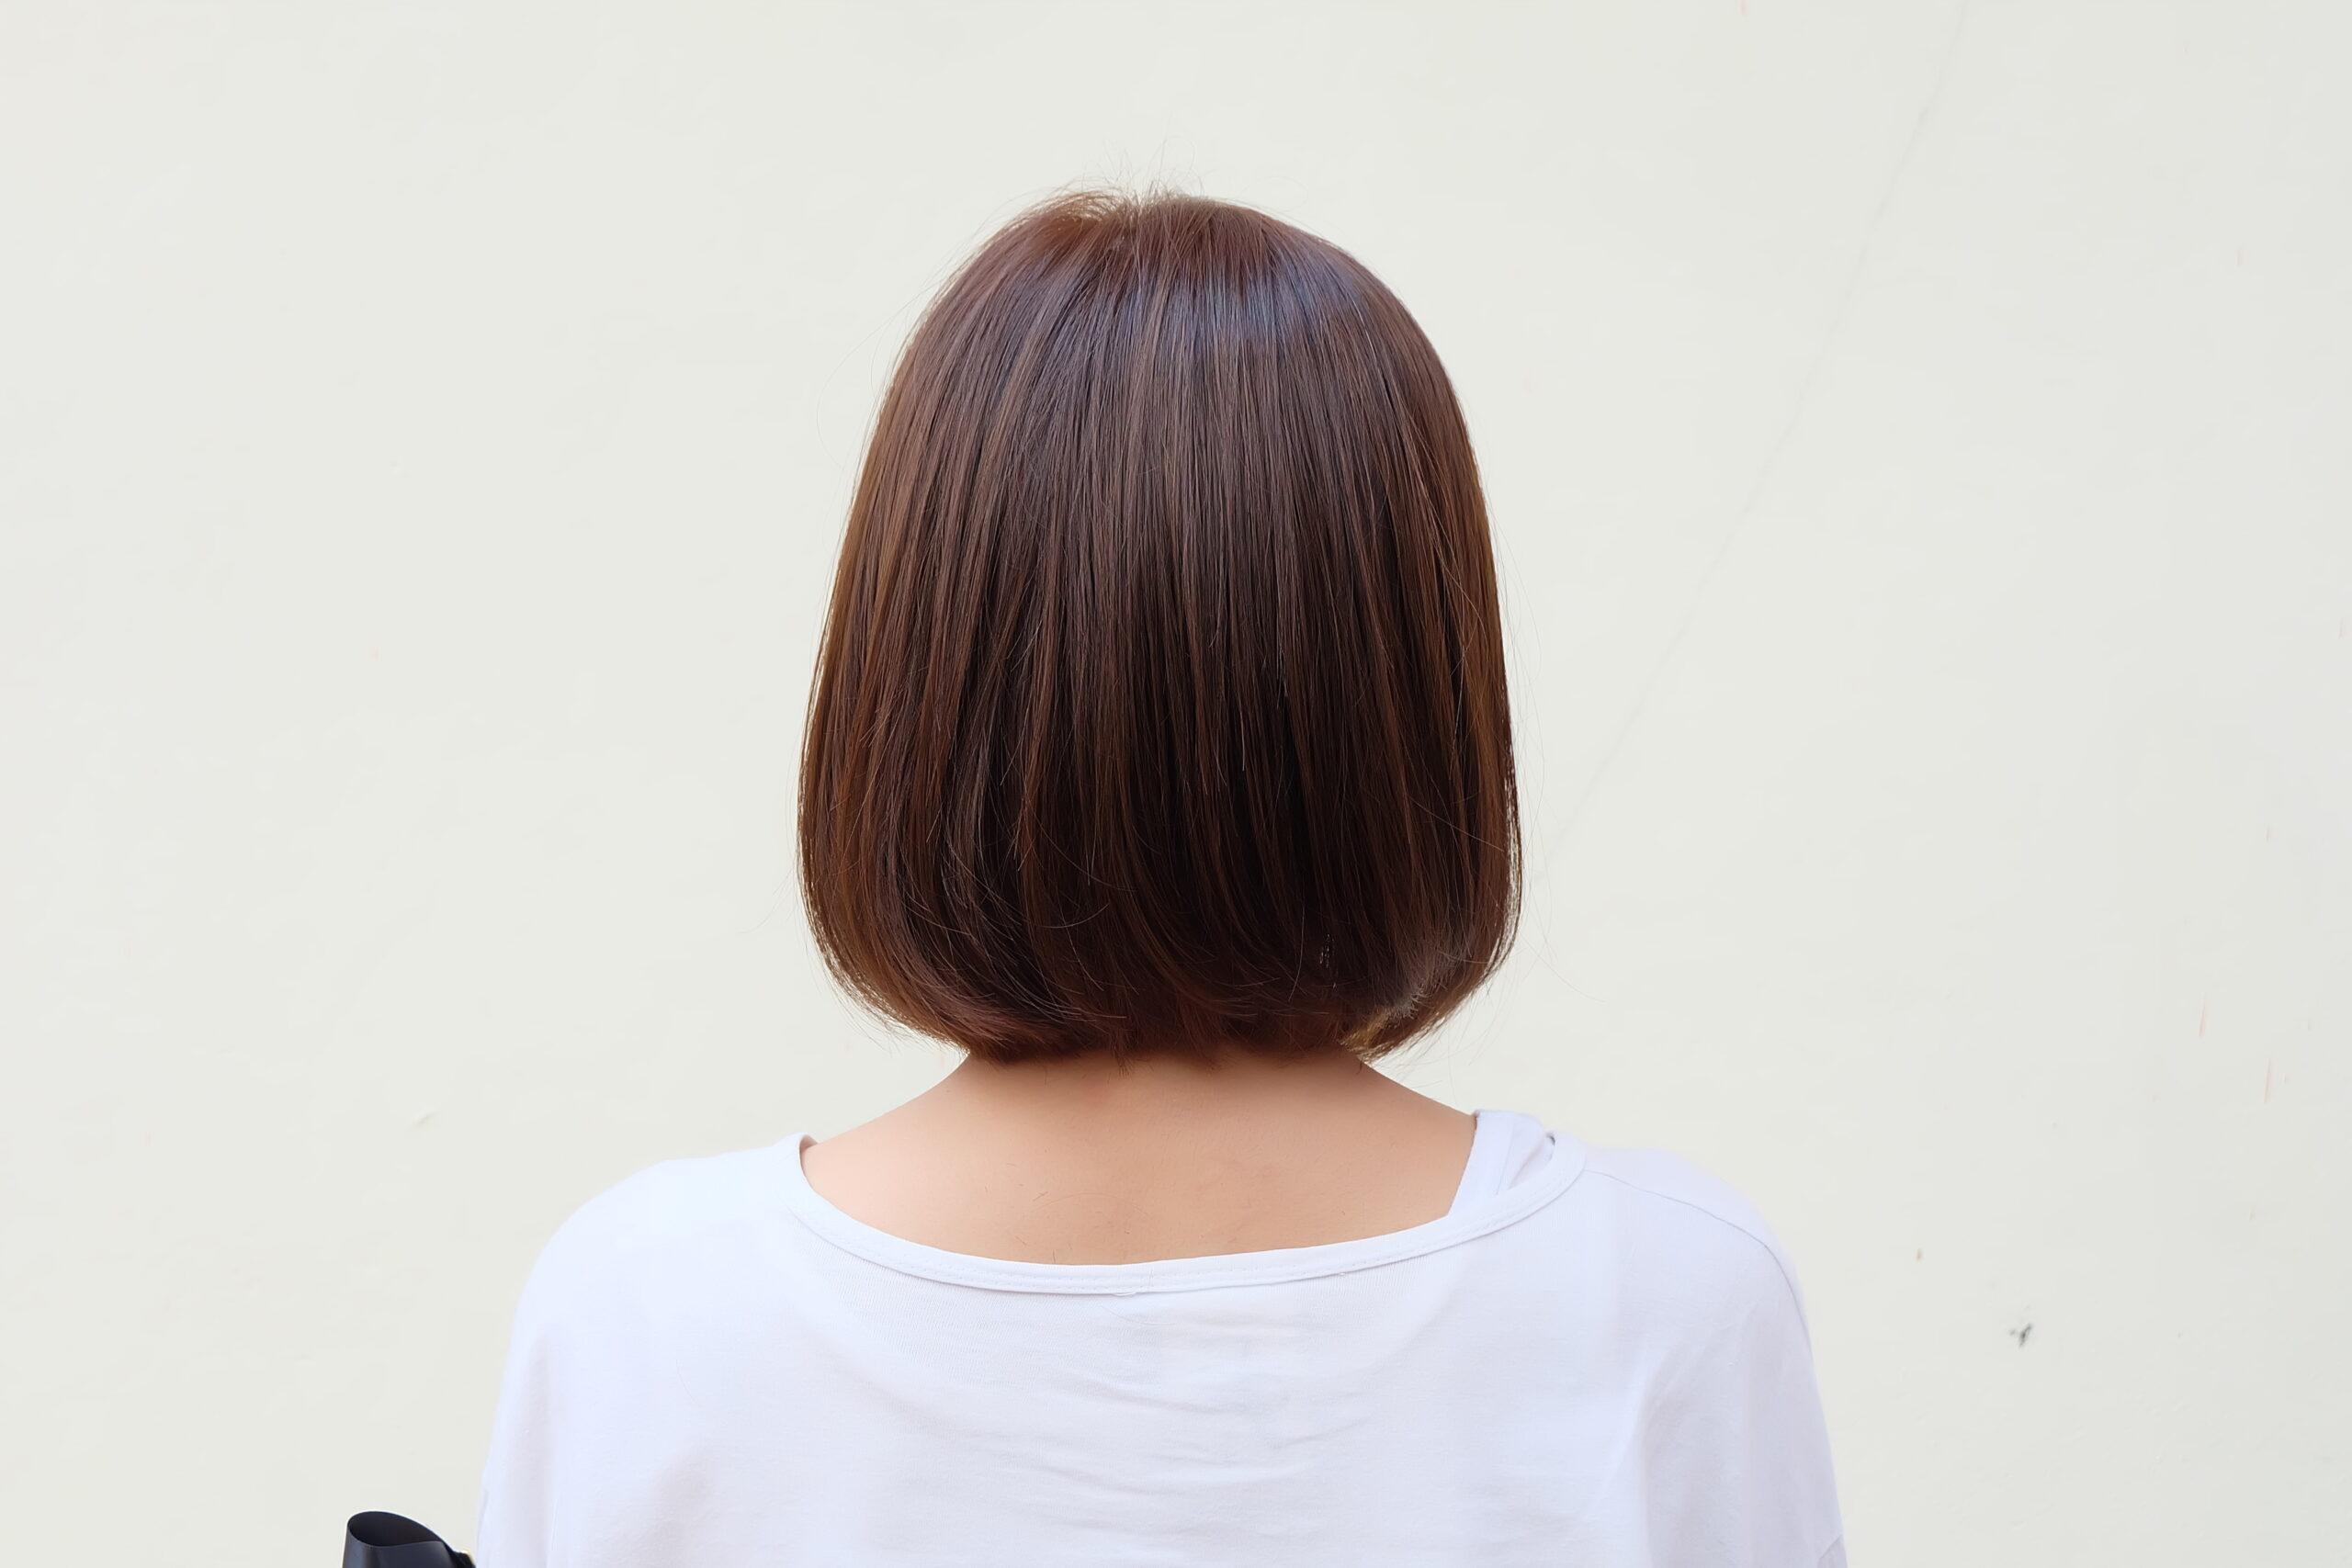 髪を切って、ちょっと後悔?